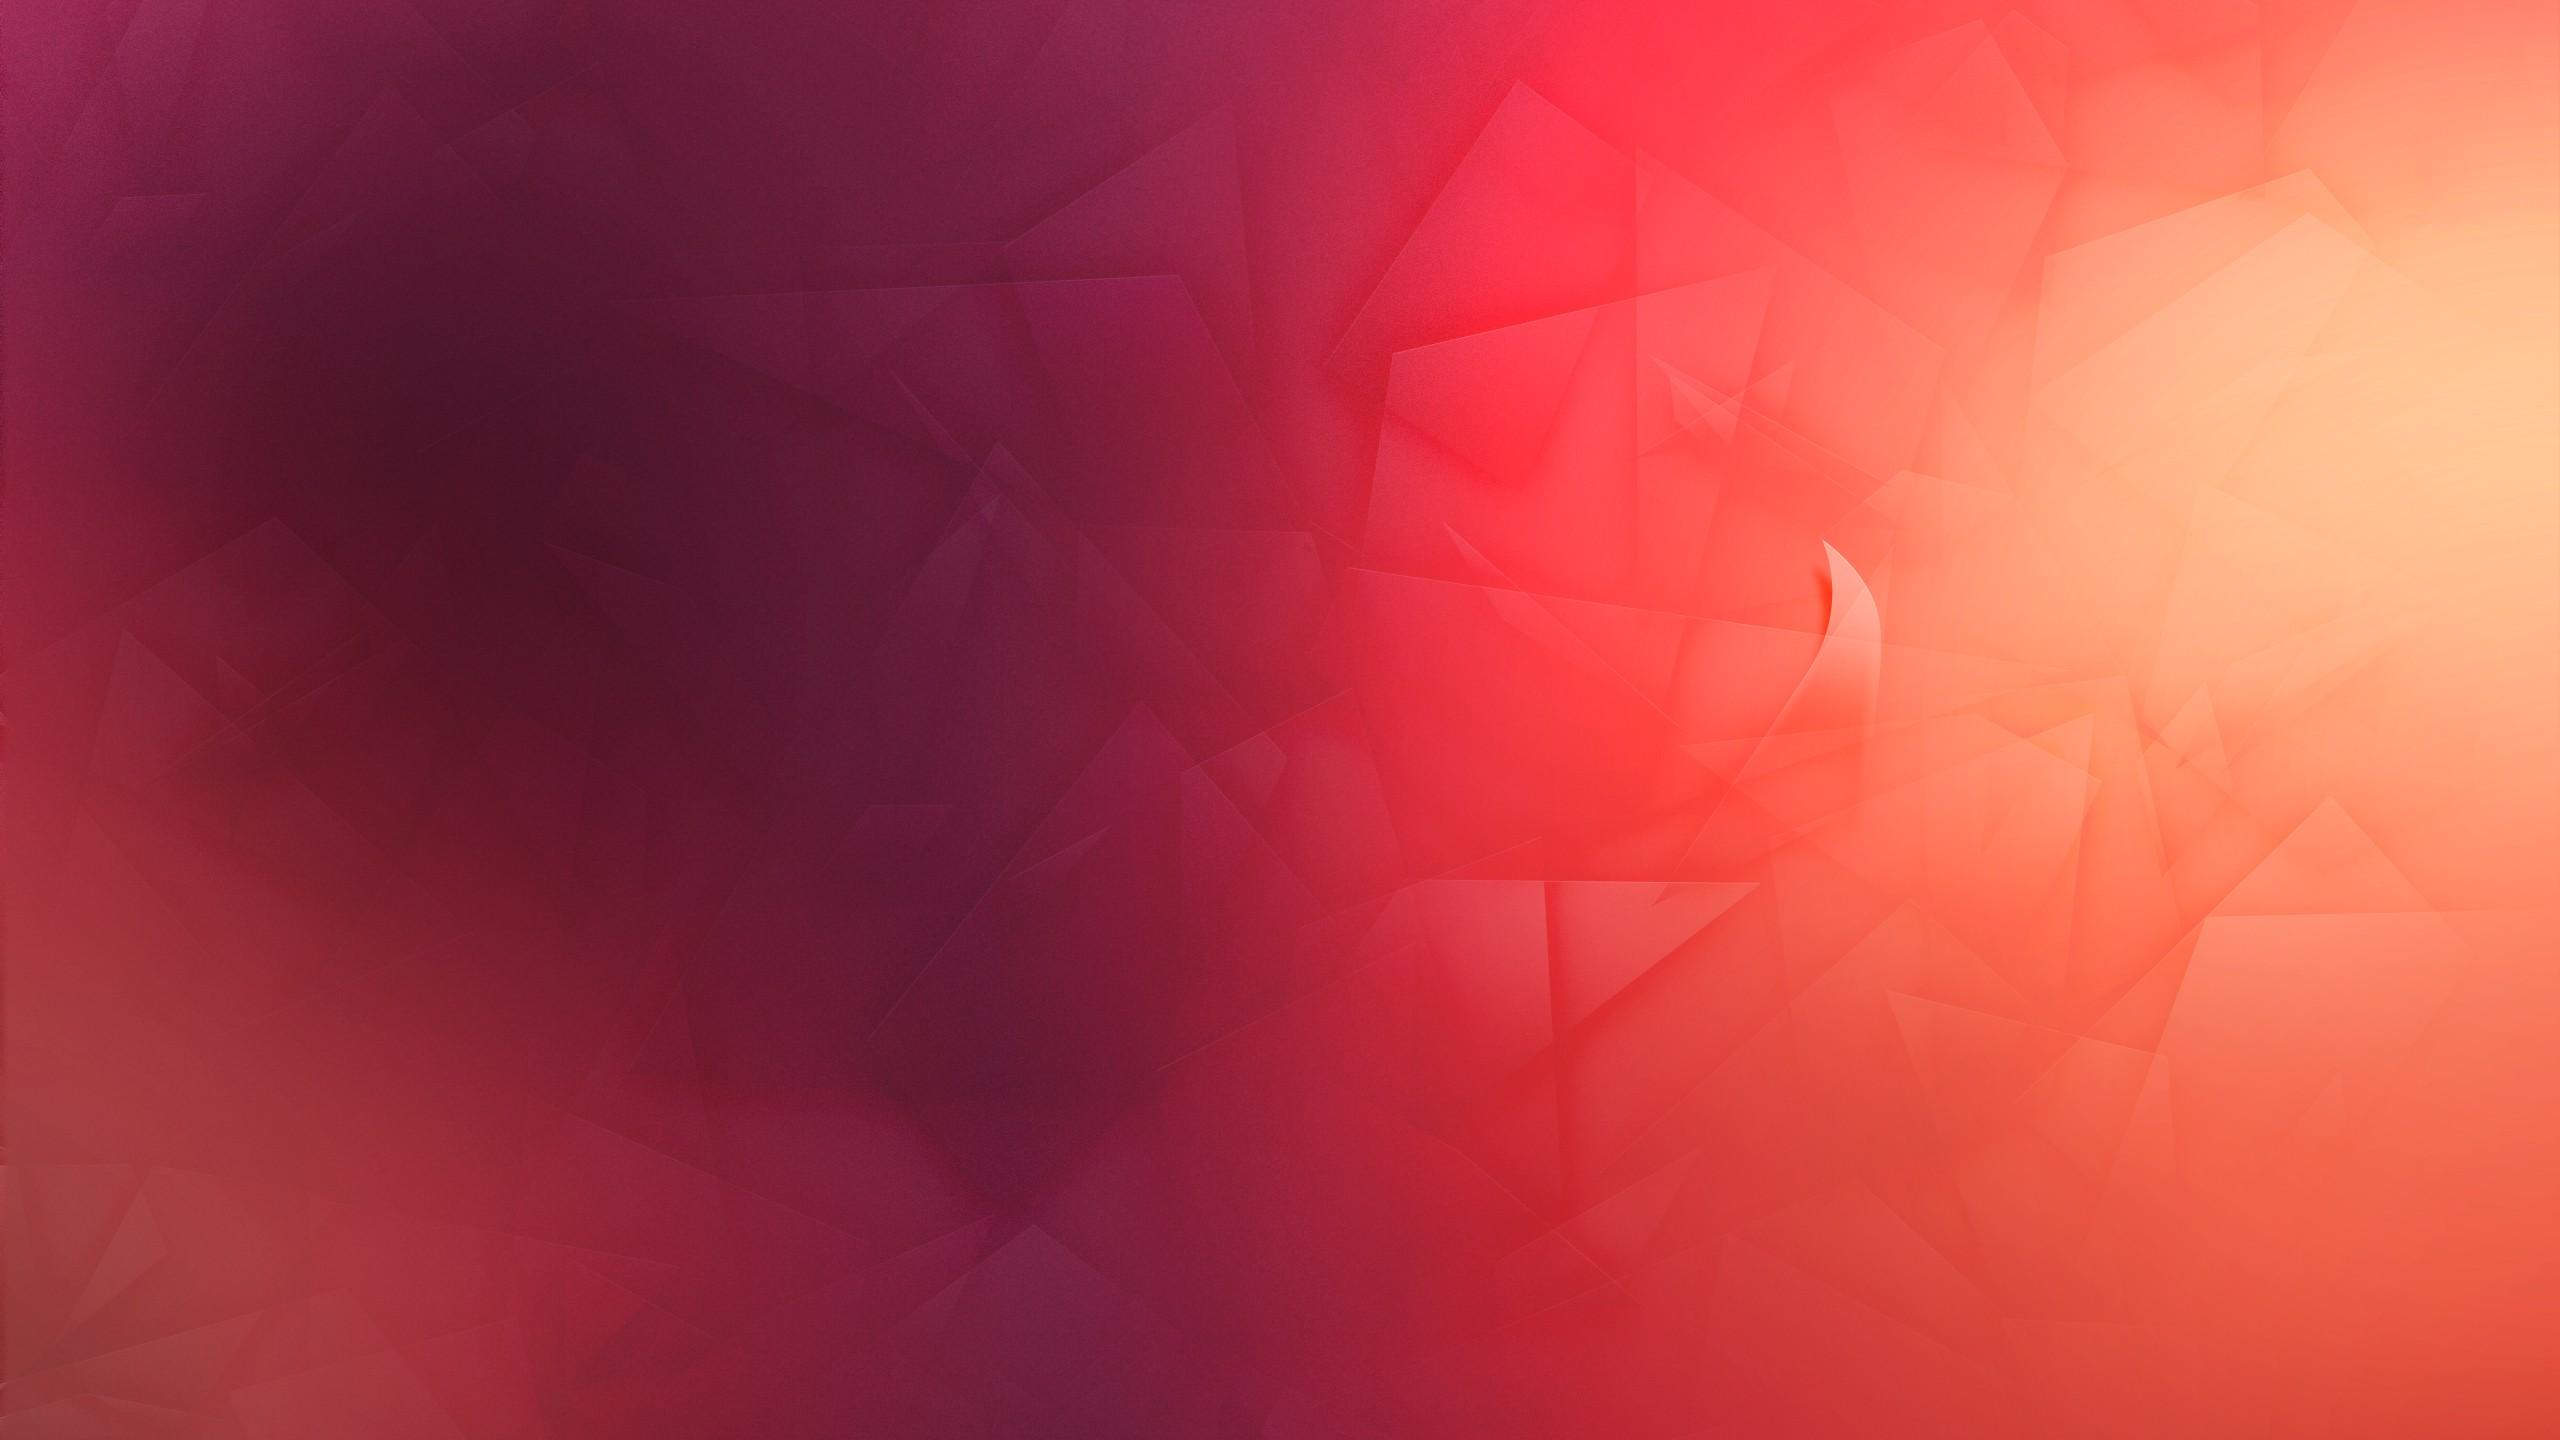 Fond Décran Abstrait Rouge Ciel Orange Texture Rose